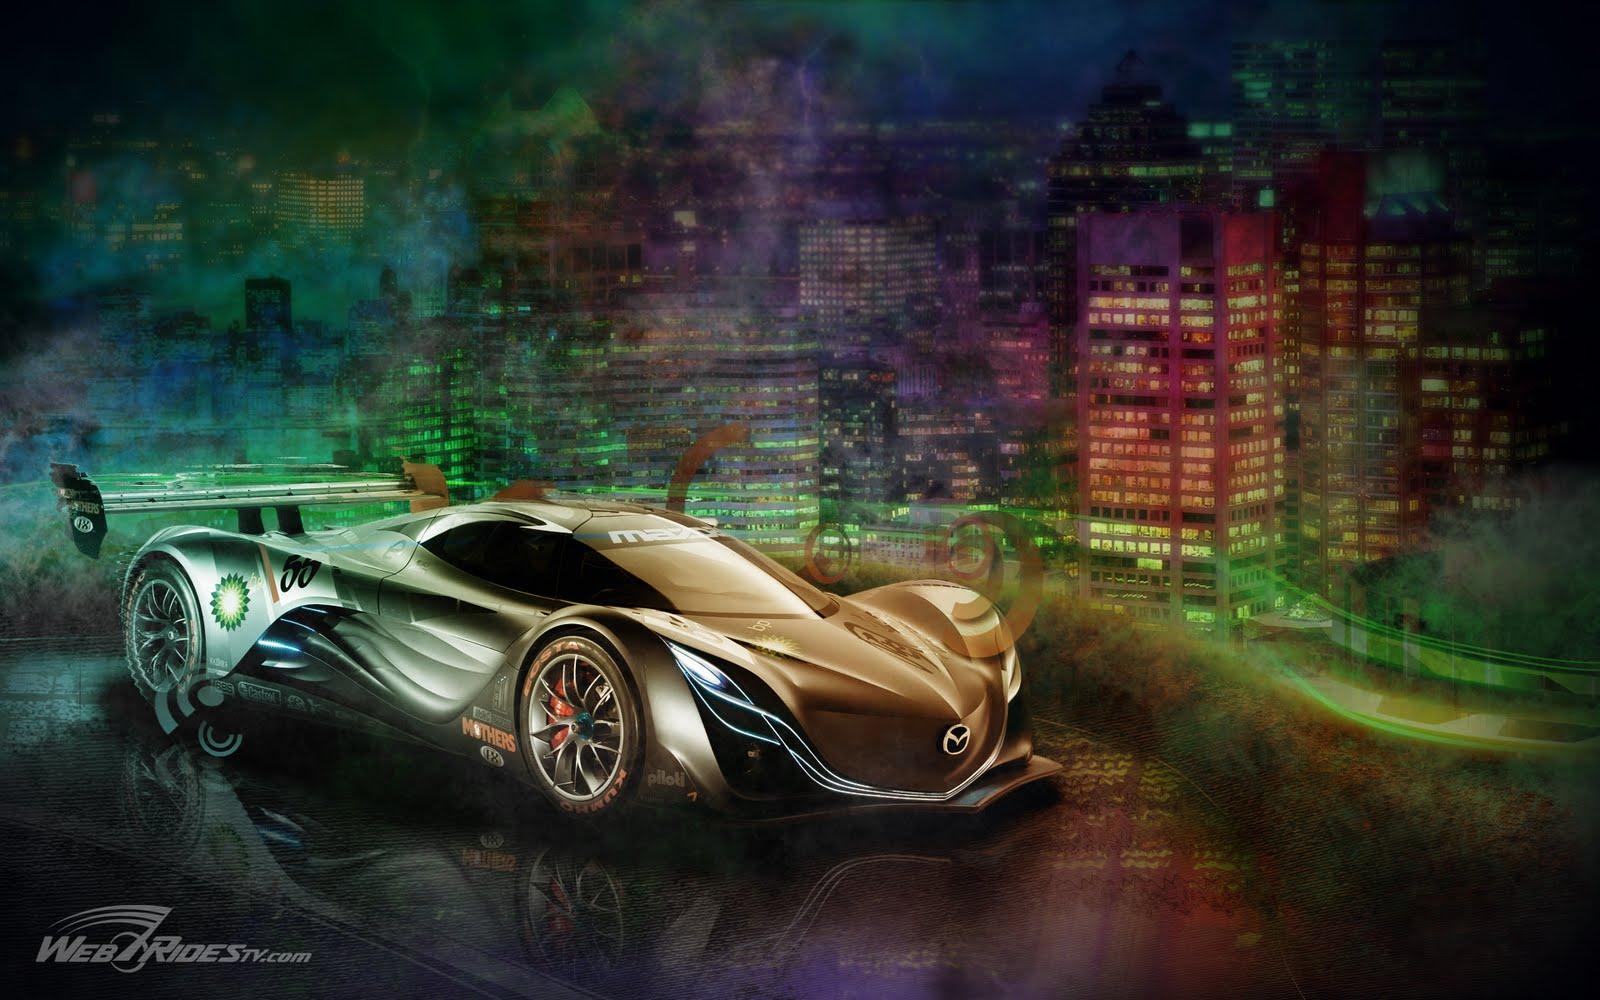 cars hd wallpaper HD Wallpaper New 1600x1000